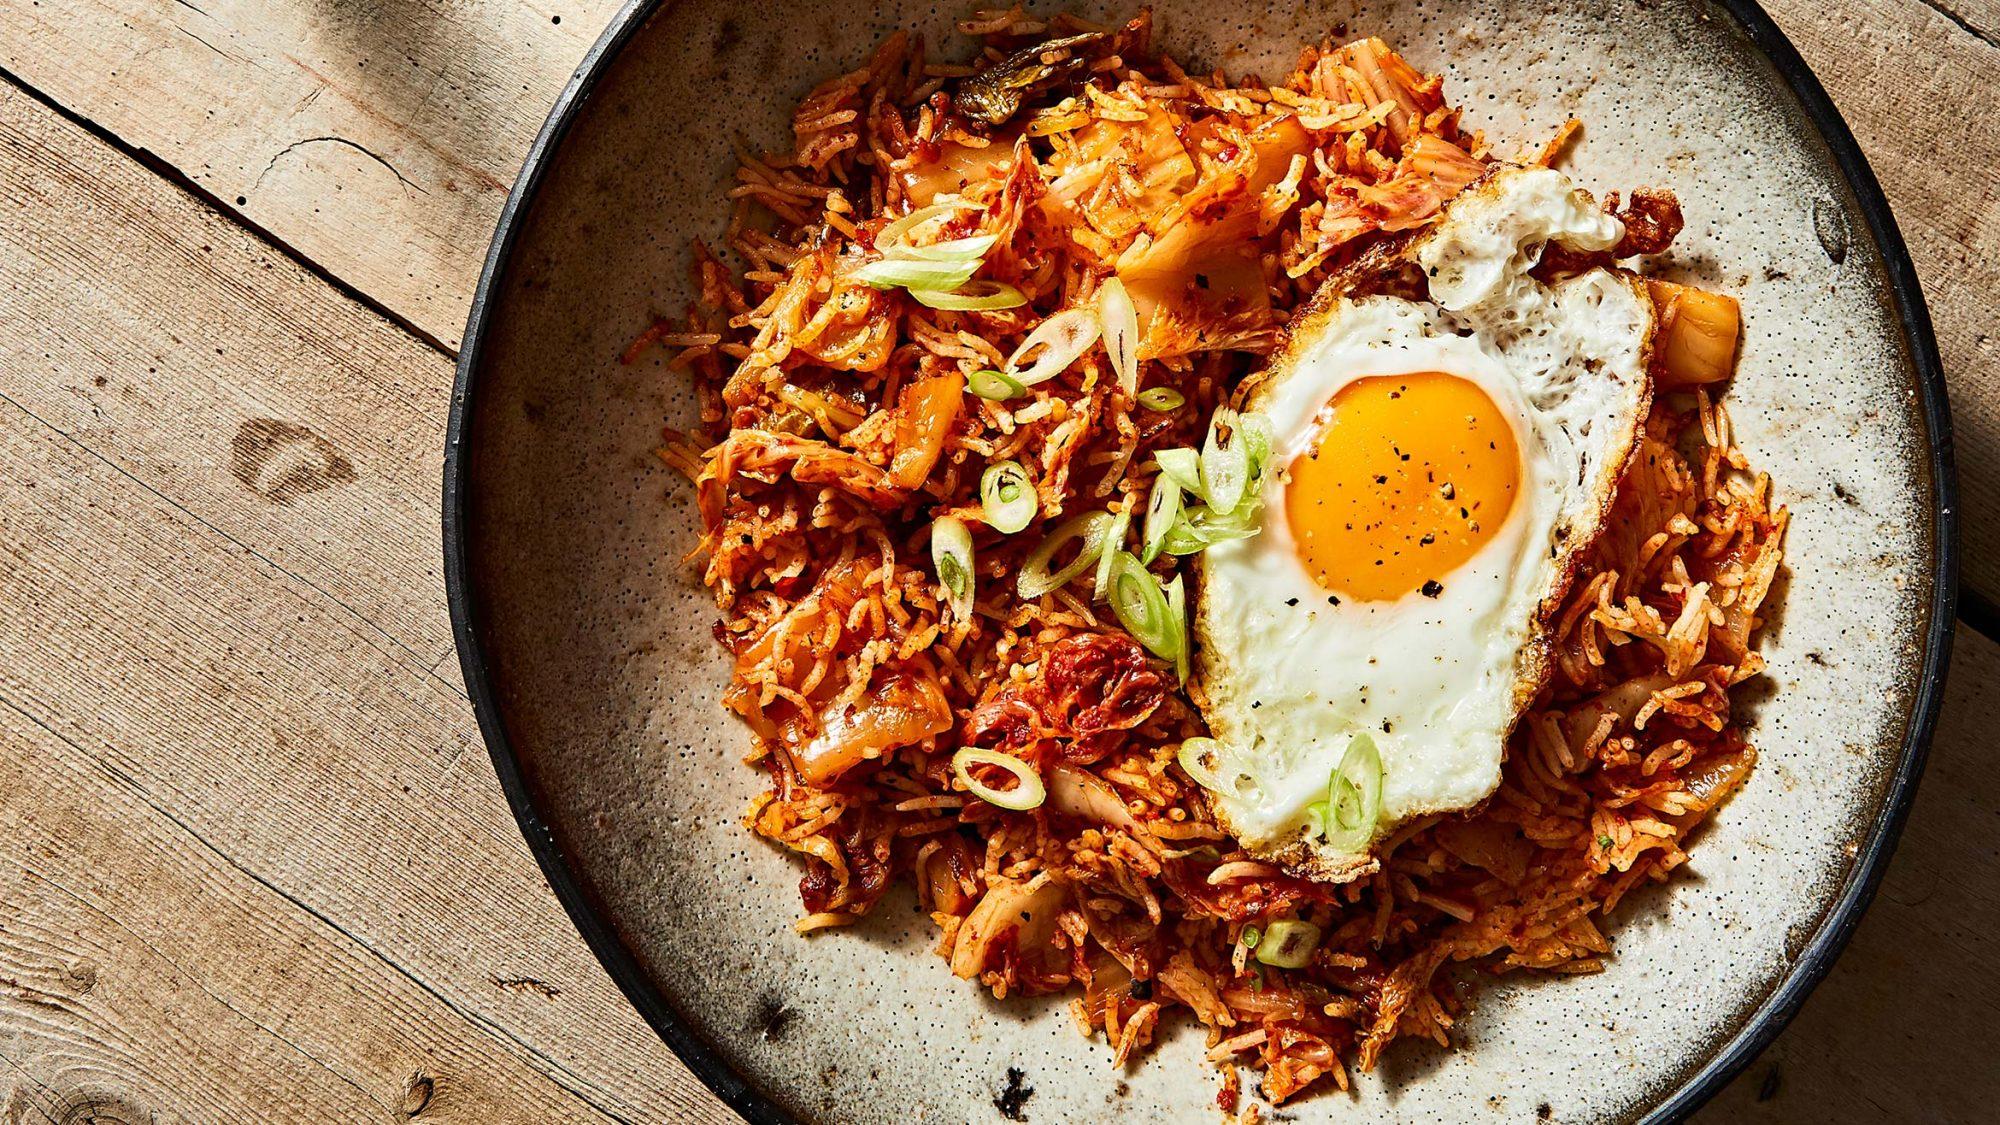 Article-Hangover-Food-Ketchup-Kimchi-Fried-Rice